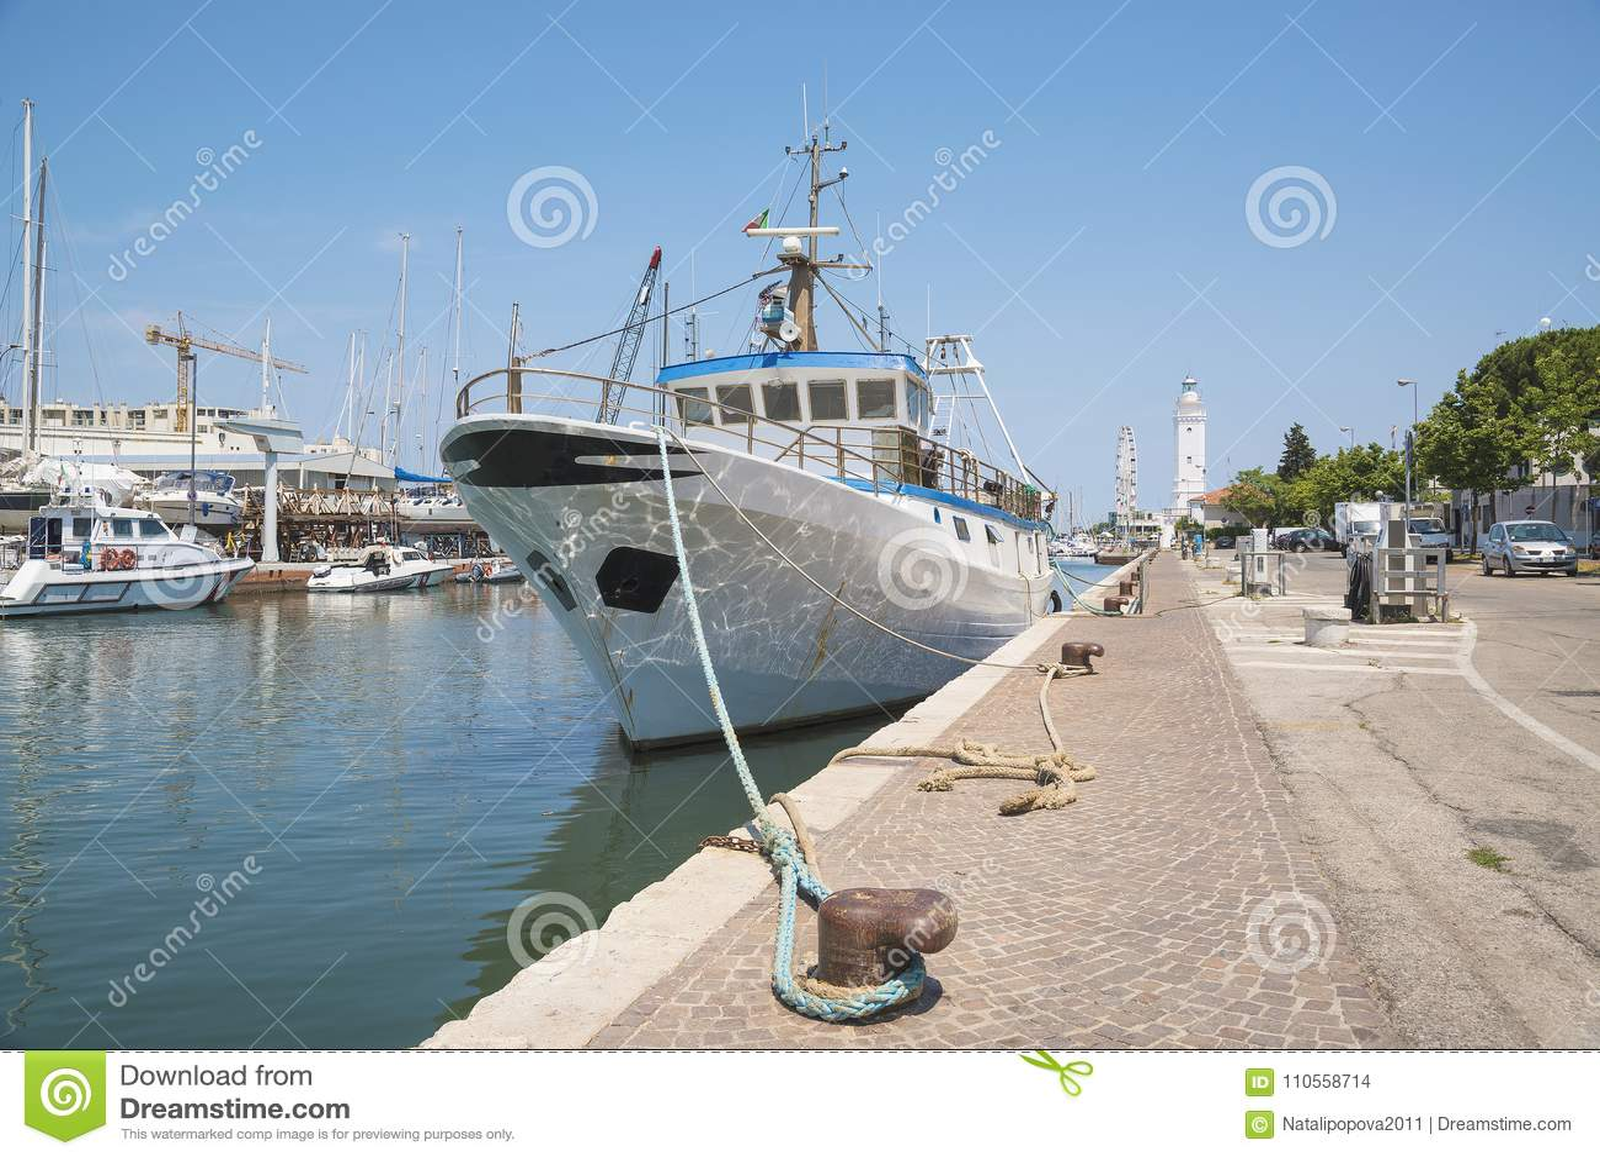 Bateau de pêche, bateau de pêche dans le port de la station de vacances de mer de R